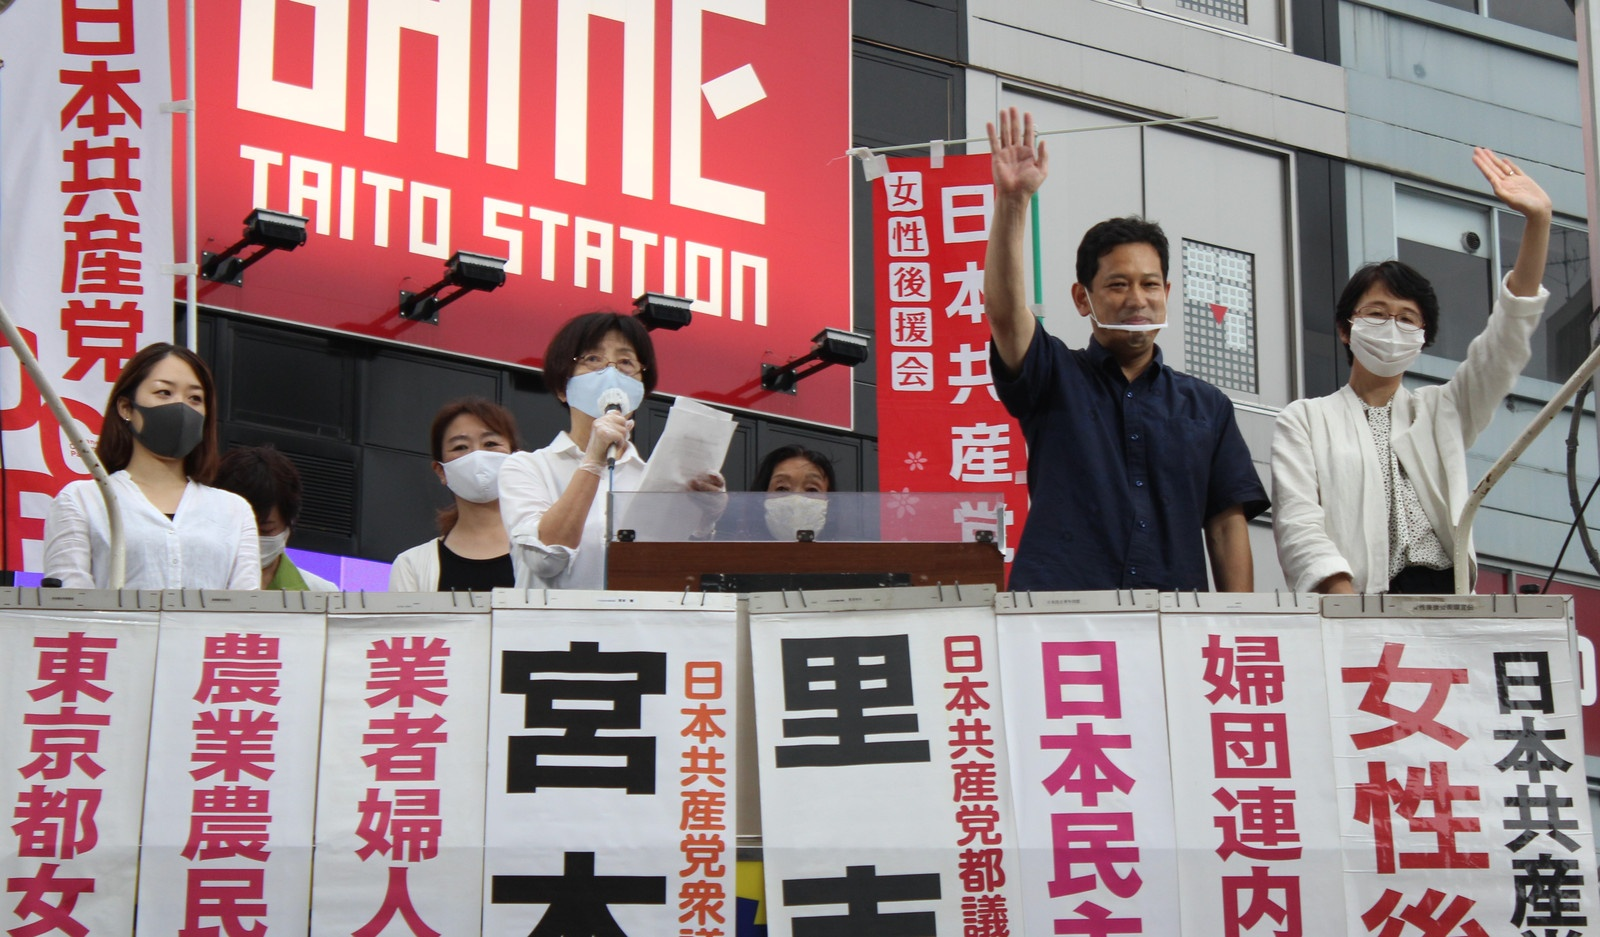 共産党への支持を呼びかける後援会員と(右端から)里吉ゆみ都議、宮本徹衆院議員ら